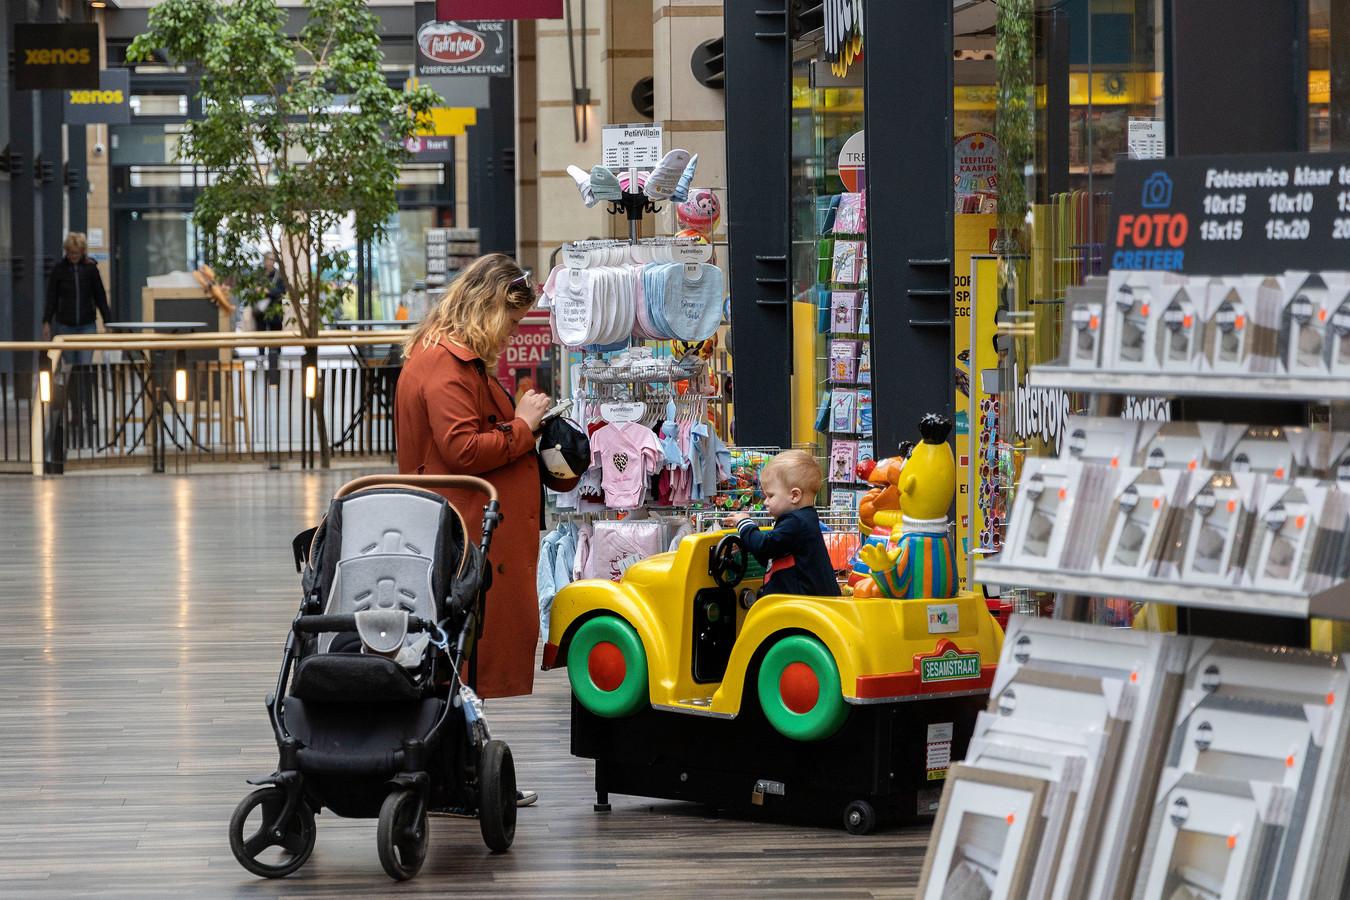 Veldhoven ED2021-12153 Overdekt gedeelte van het Citycentrum